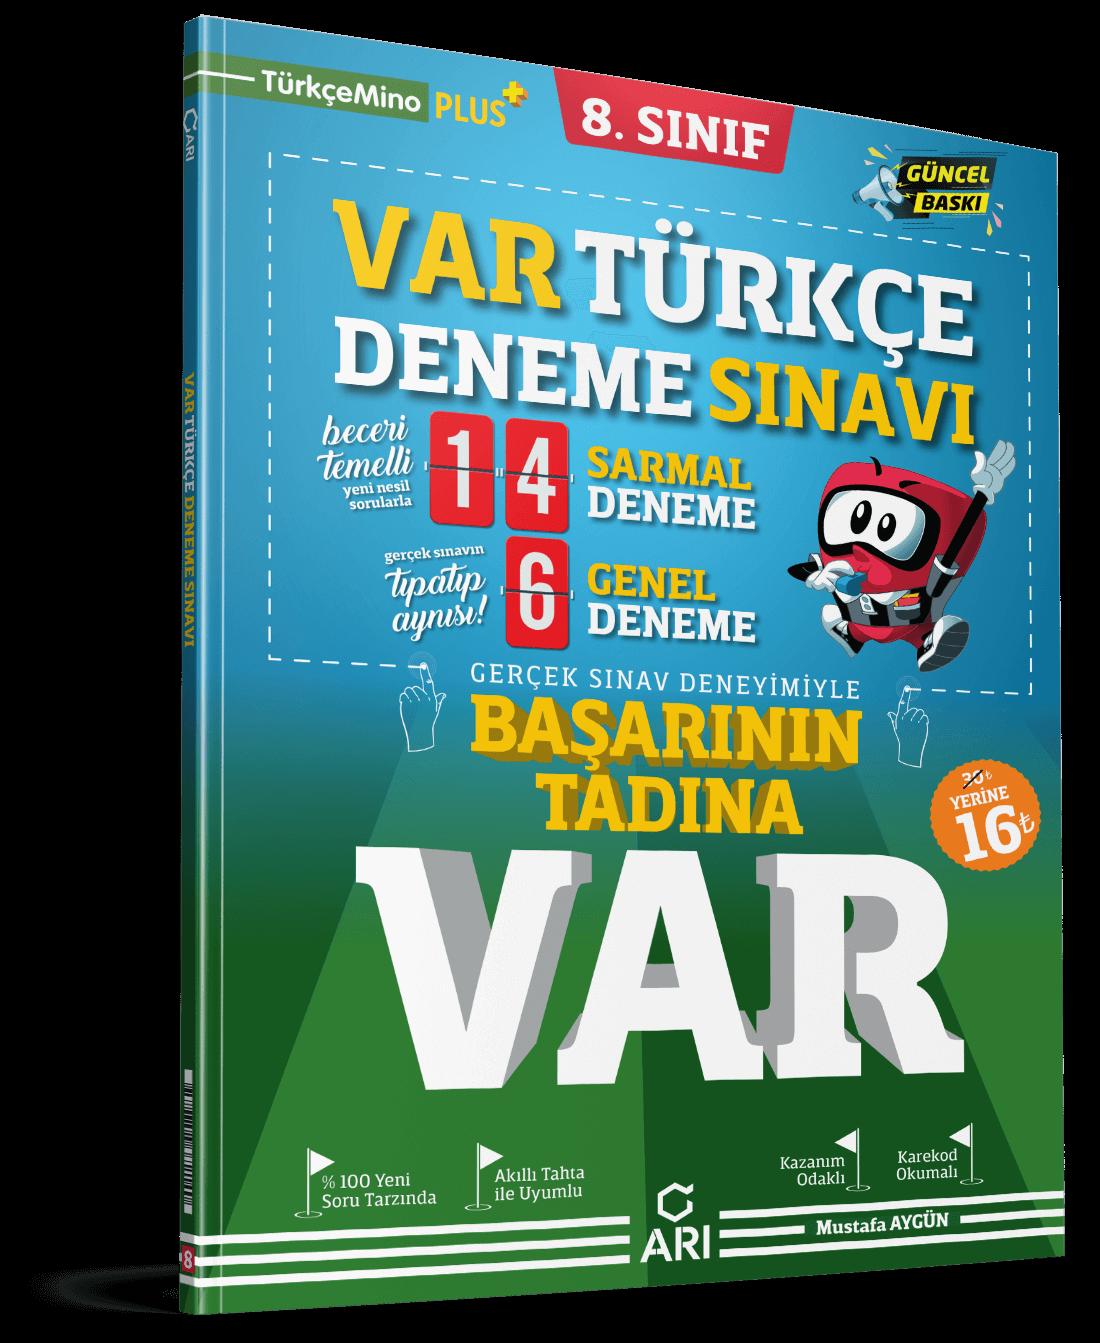 VAR Türkçe Deneme Sınavı 8. Sınıf